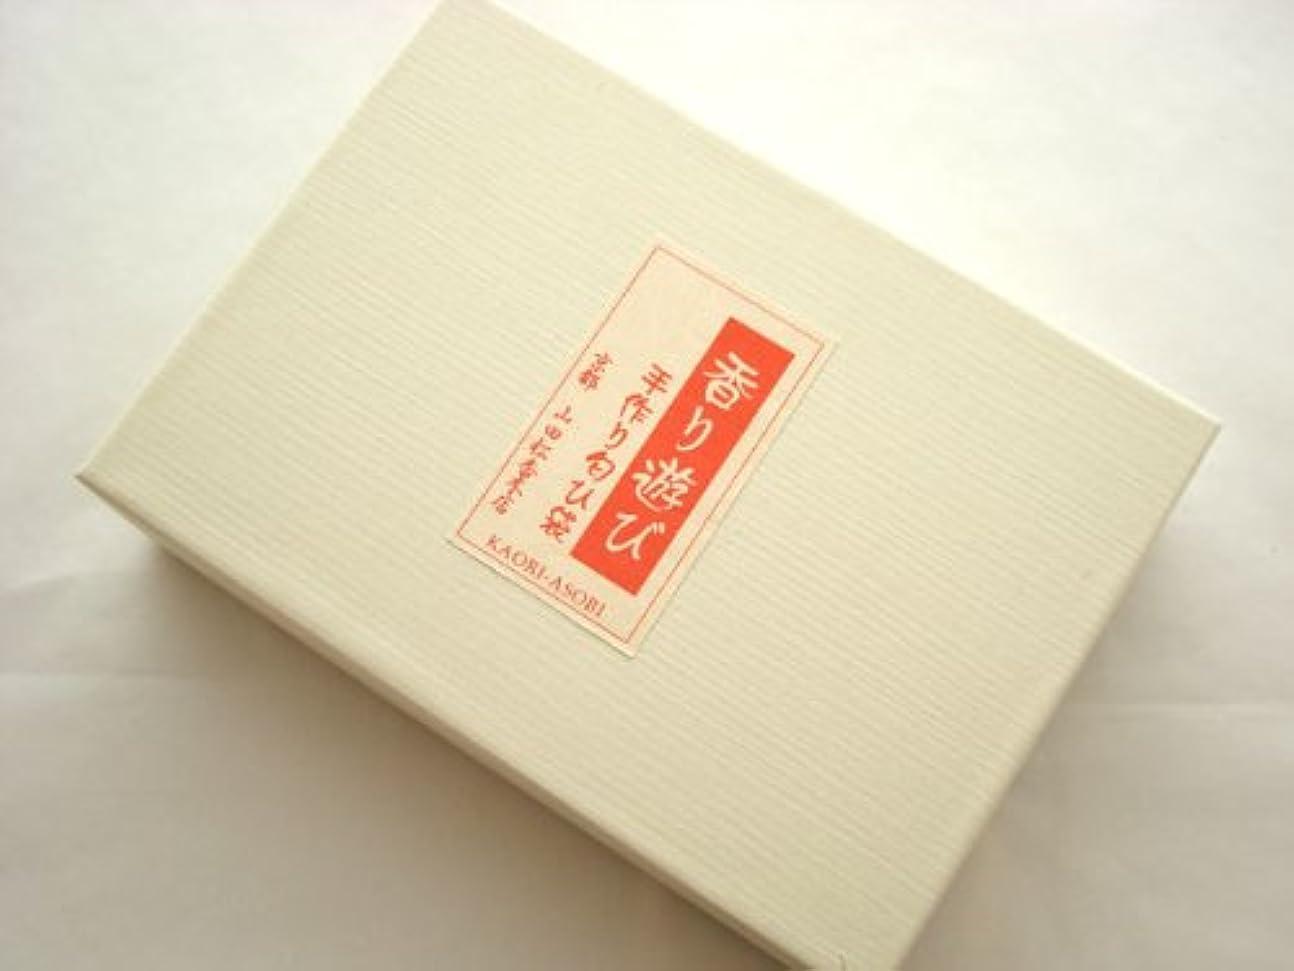 スケッチリンクバタフライ香り遊び 手作り匂袋(袋付) 【匂い袋】